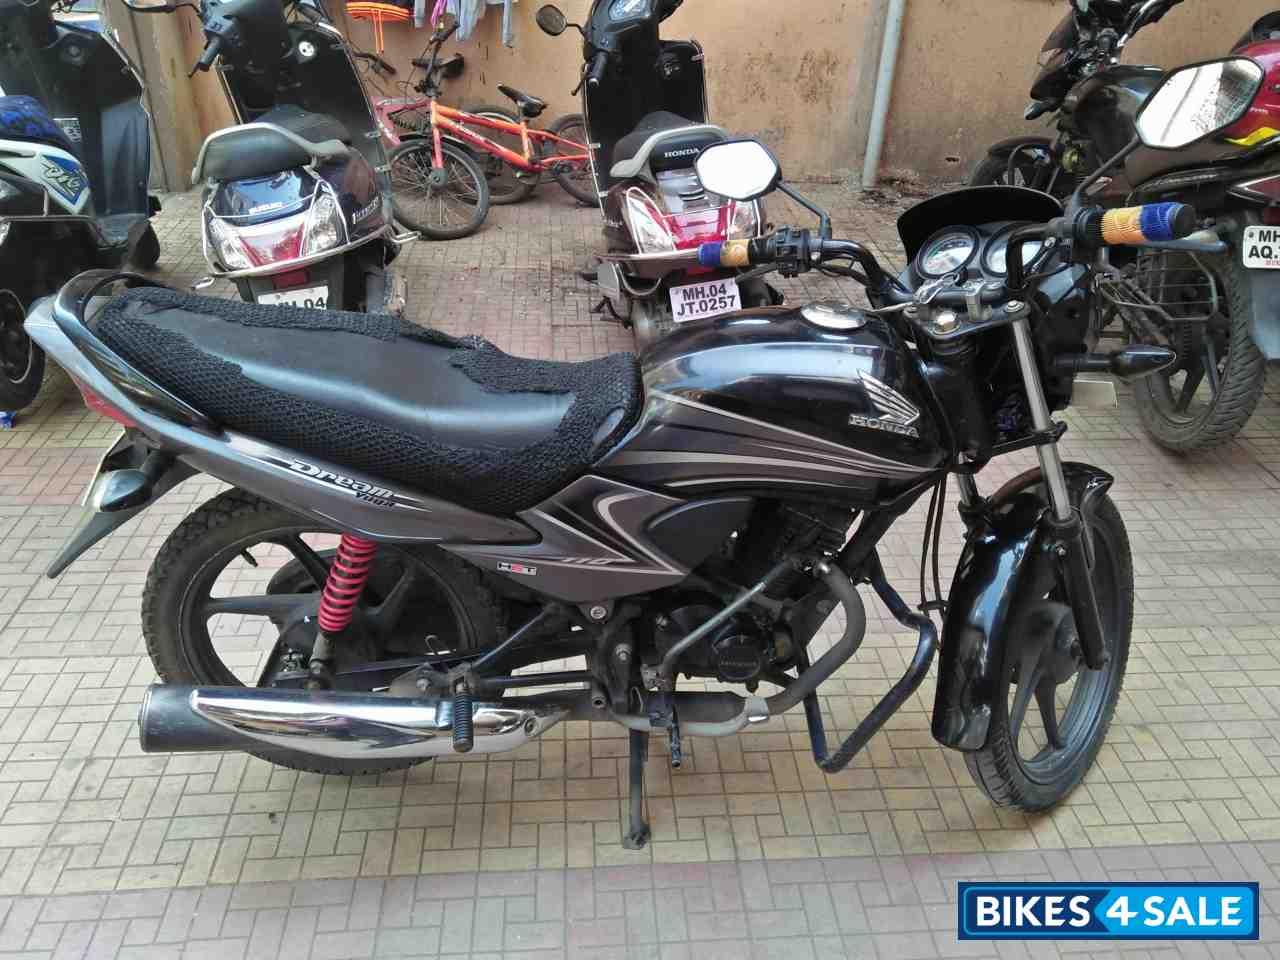 Used 2014 Model Honda Dream Yuga For Sale In Thane Id 193339 Bikes4sale